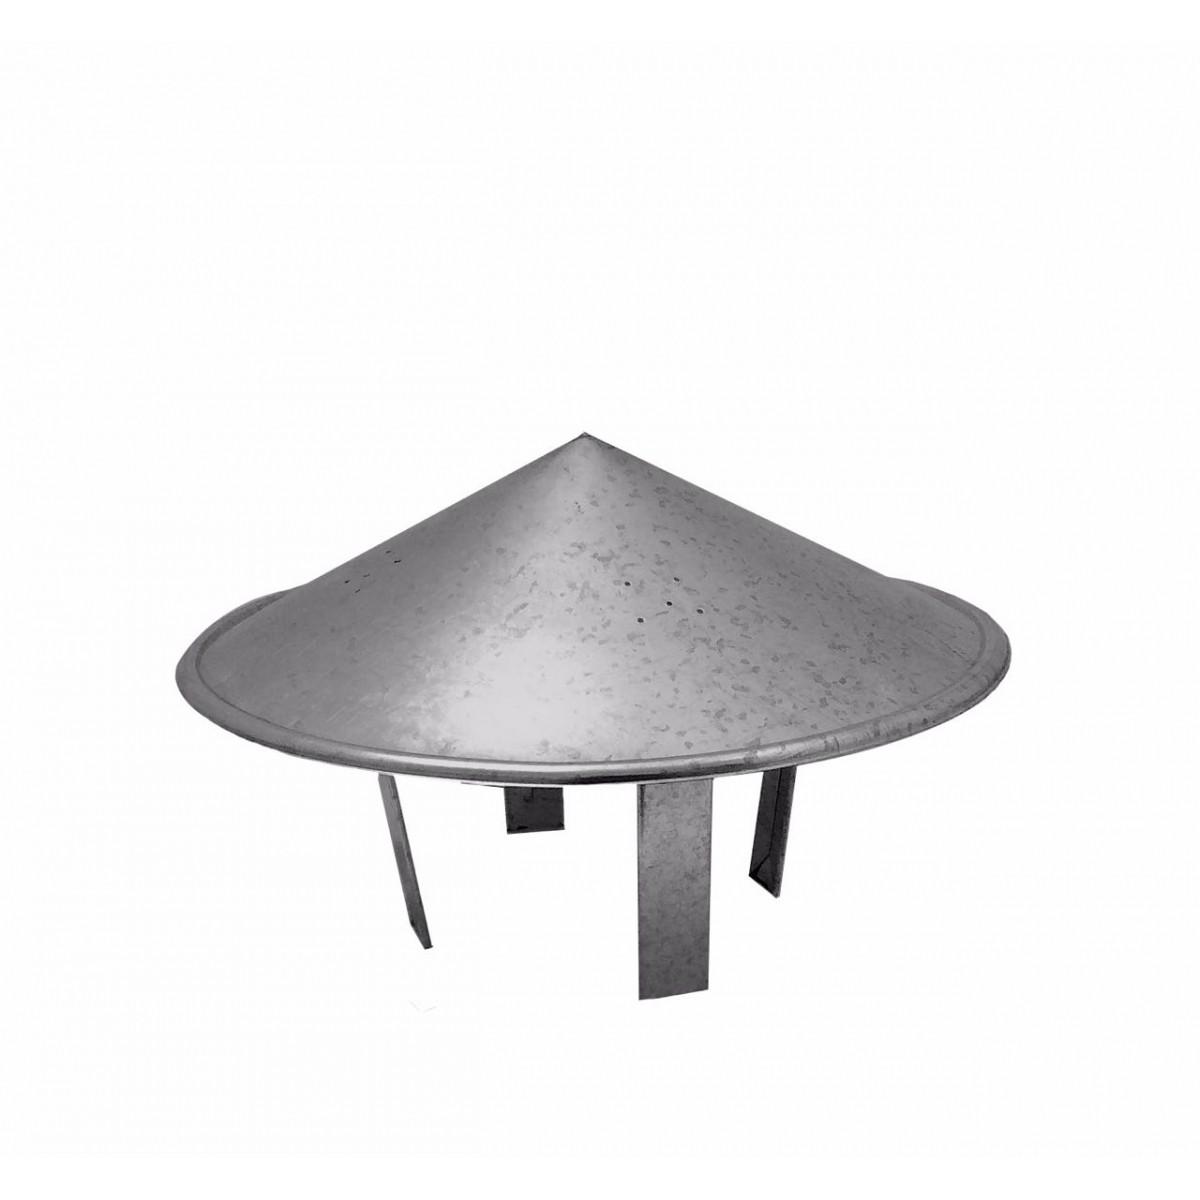 Chapéu chinês galvanizado para dutos de 40 cm de diâmetro para topo de chaminé  - Galvocalhas